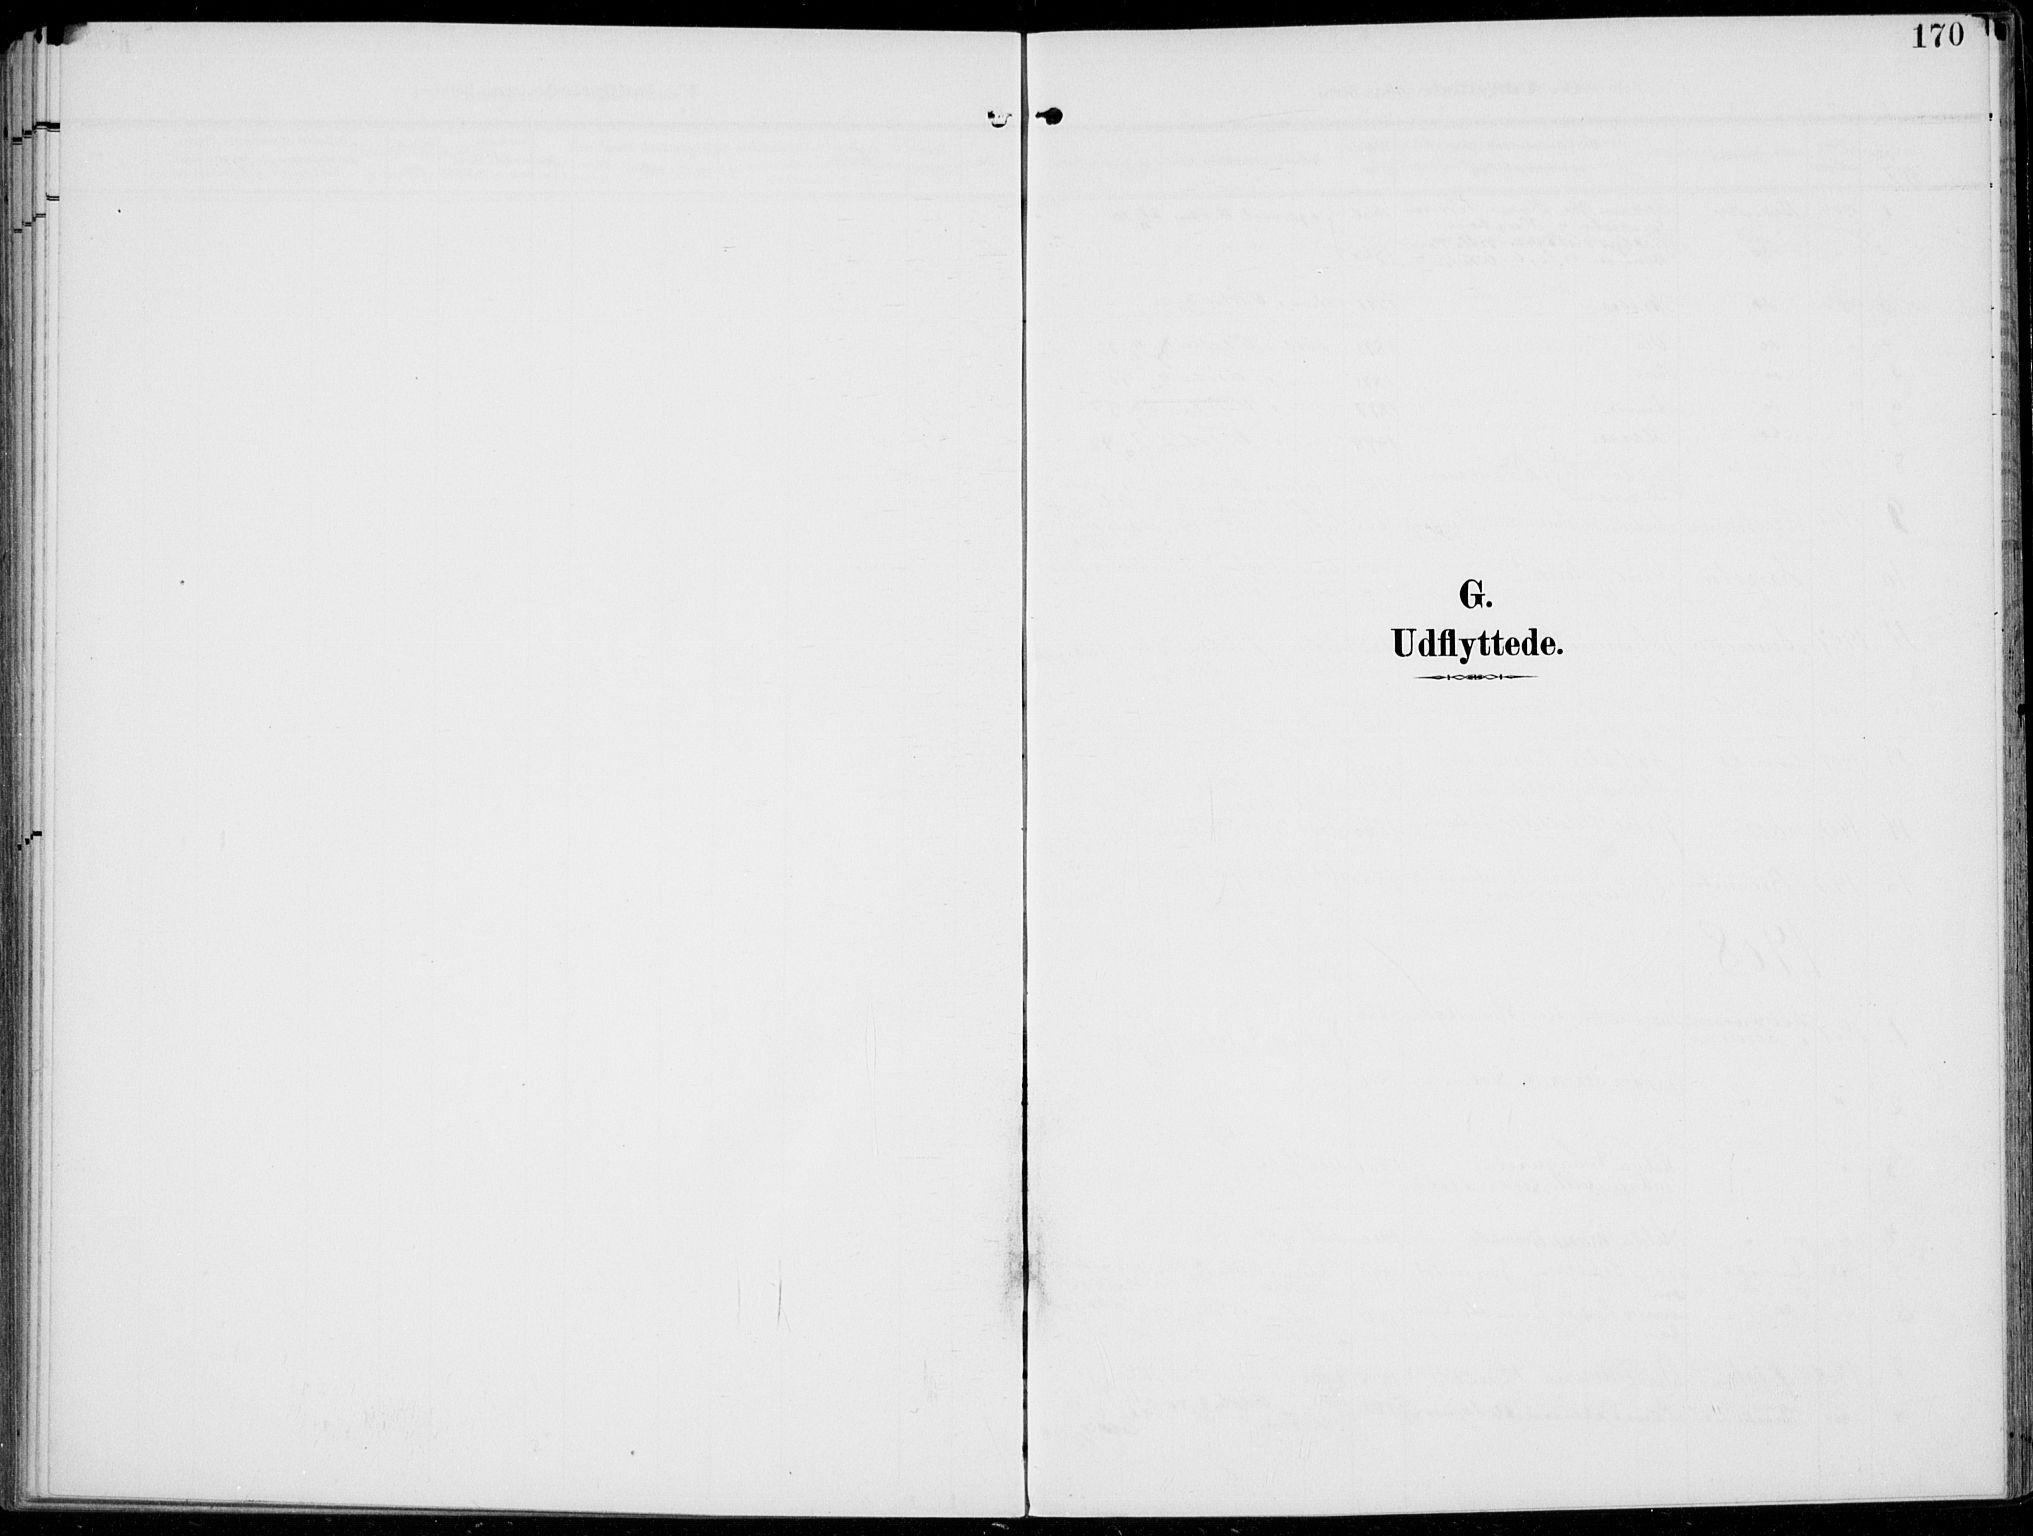 SAH, Kolbu prestekontor, Ministerialbok nr. 1, 1907-1923, s. 170